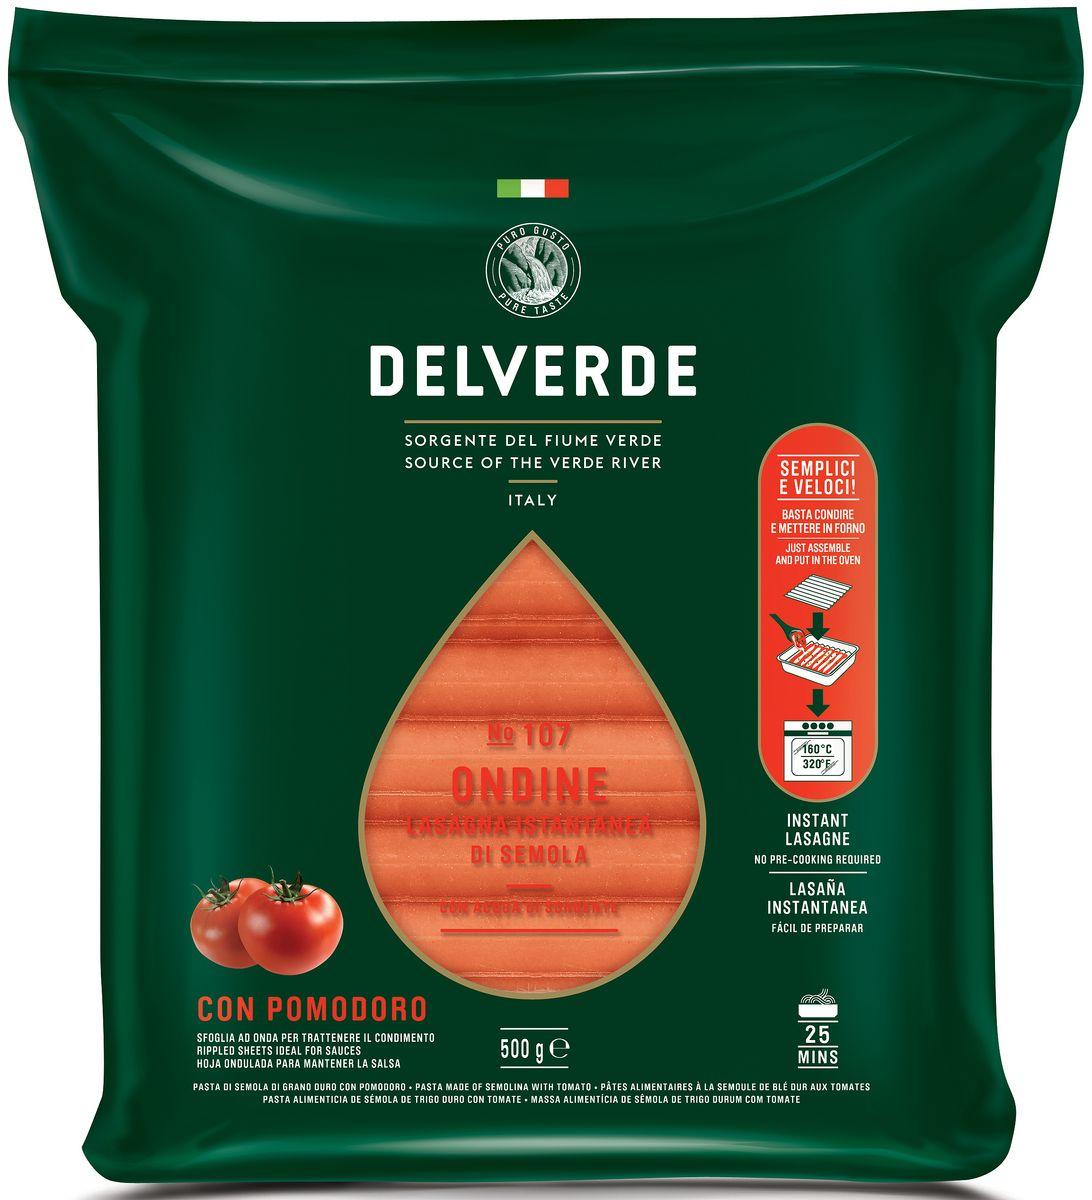 Delverde № 107 паста Ондине с томатом, 500 г6791Лазанья отлично сочетается с рагу по-неаполитански с сыром рикотта или с соусом из дичи. Рекомендуемый способ приготовления, запекание в духовке, с различным составом начинки и соусом Бешамель. Этот способ настолько признан по всей Италии, что принял название формы этой пасты. Способ приготовления: Продукт предварительно отварен, готов для приготовления лазаньи. Перед запеканием поместить в горячую воду на несколько минут. После чего поместите первый лист в форму и нанесите желаемую начинку. Вторую пластину положите перпендикулярно первой, так чтобы волны пересеклись под углом 90°. Продолжайте накладывать друг на друга пластины почти до полного заполнения формы. В конце добавьте немного бульона или воды из-под пасты, чтобы добавить блюду влажности в процессе приготовления. Закройте форму фольгой и выпекайте в духовке в течение 25 минут при температуре 160°C. За 10 минут до окончания выпекания удалите слой фольги, чтобы верхний слой стал золотистым. О производителе: Компания Delverde Industrie Alimentari S.p.a начала свою историю в середине XX века в Фаре, доведя до совершенства искусство традиционного производство пасты. Традиция изготовления пасты в историческом поселении Фара Сан Мартино известна по всему миру с XVII века: именно здесь производители впервые научились искусству смешивать зерна пшеницы с чистейшей водой реки Верде. Фара Сан Мартино до сих пор славится как одна из мировых столиц пасты. С самого начала миссией компании было производить и предлагать миру высококачественные продукты из высококачественных ингредиентов. Компания Delverde до сих пор работает в соответствии с наилучшими итальянскими гастрономическими и промышленными традициями. Для приготовления пасты Delverde используются только отборные, отлично сочетающиеся друг с другом ингредиенты: чистейшая вода из реки Верде и зерна самой качественной твердой пшеницы.Варить в кипящей подсоленной воде 10 минут.